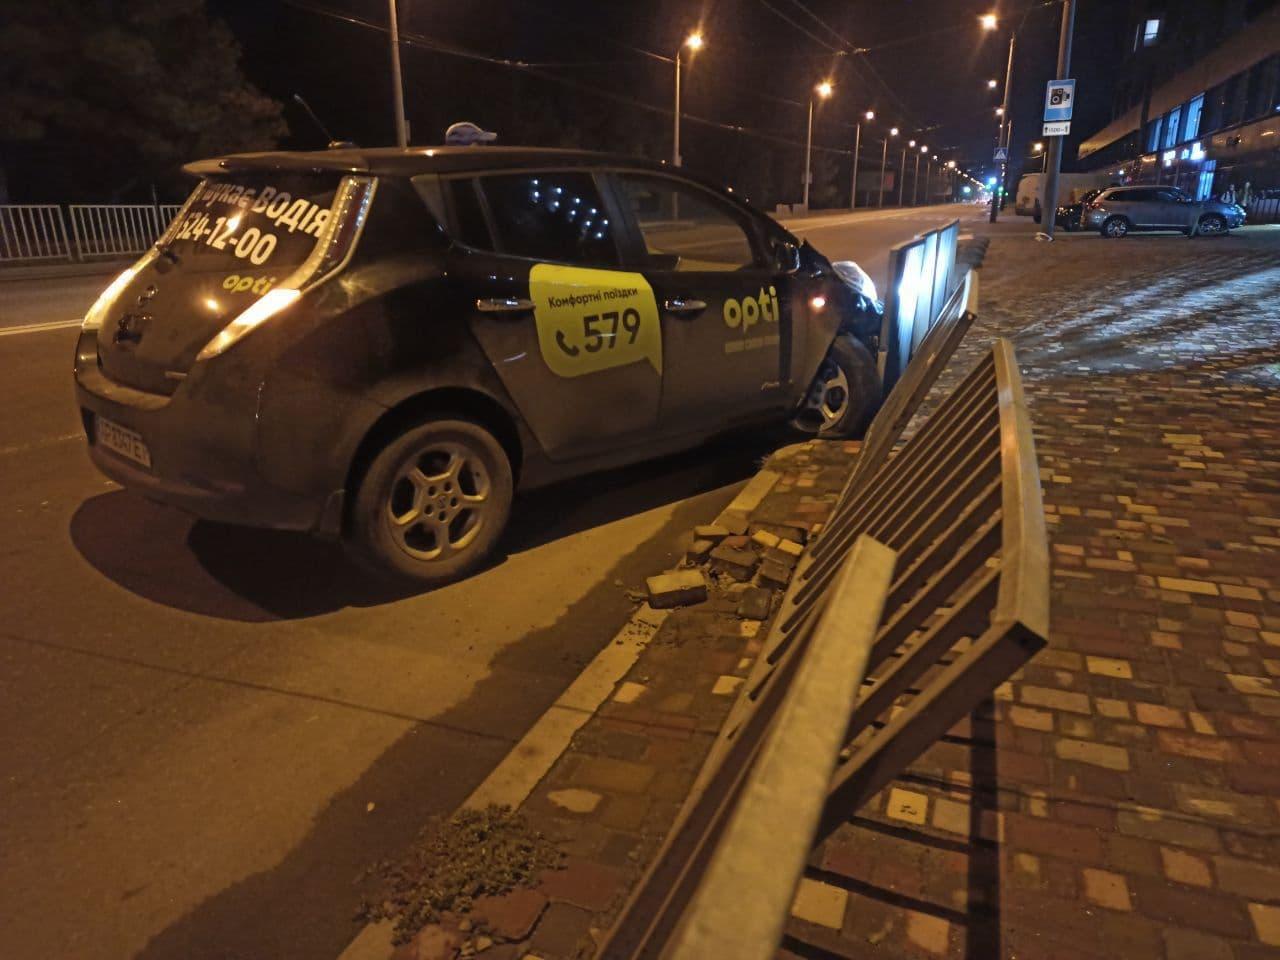 Новости Днепра про Возле McDonald's в Днепре на набережной таксист на Nissan снес ограждение